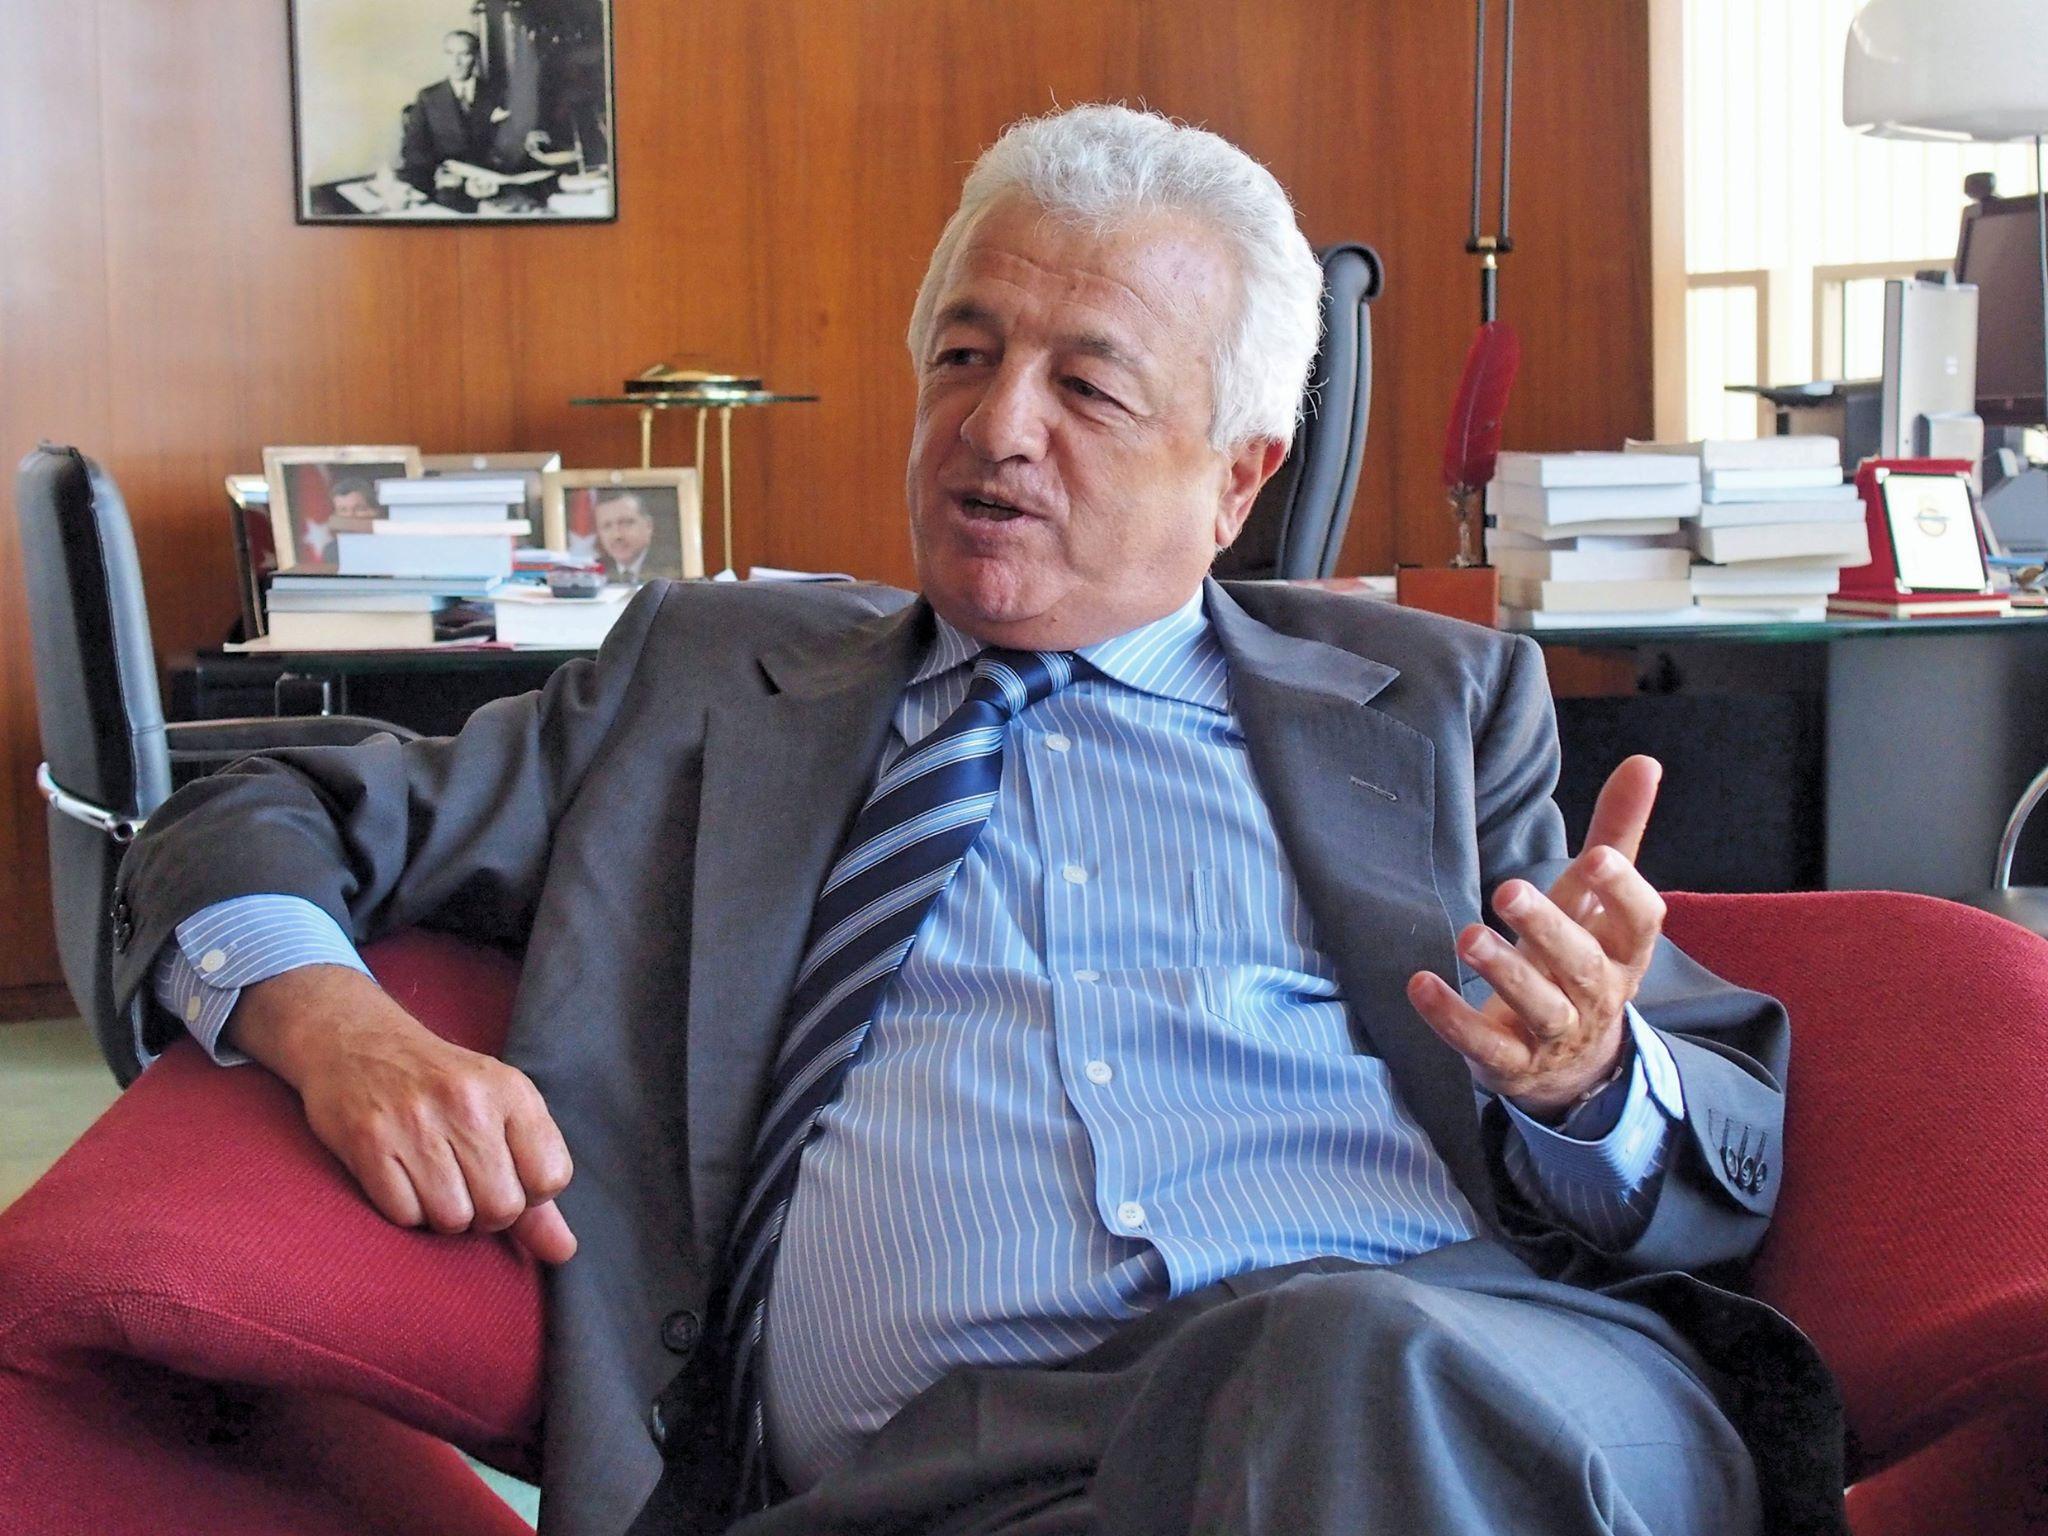 Annonce rencontre homme sérieux Turquie - Site de rencontre sérieux Turquie